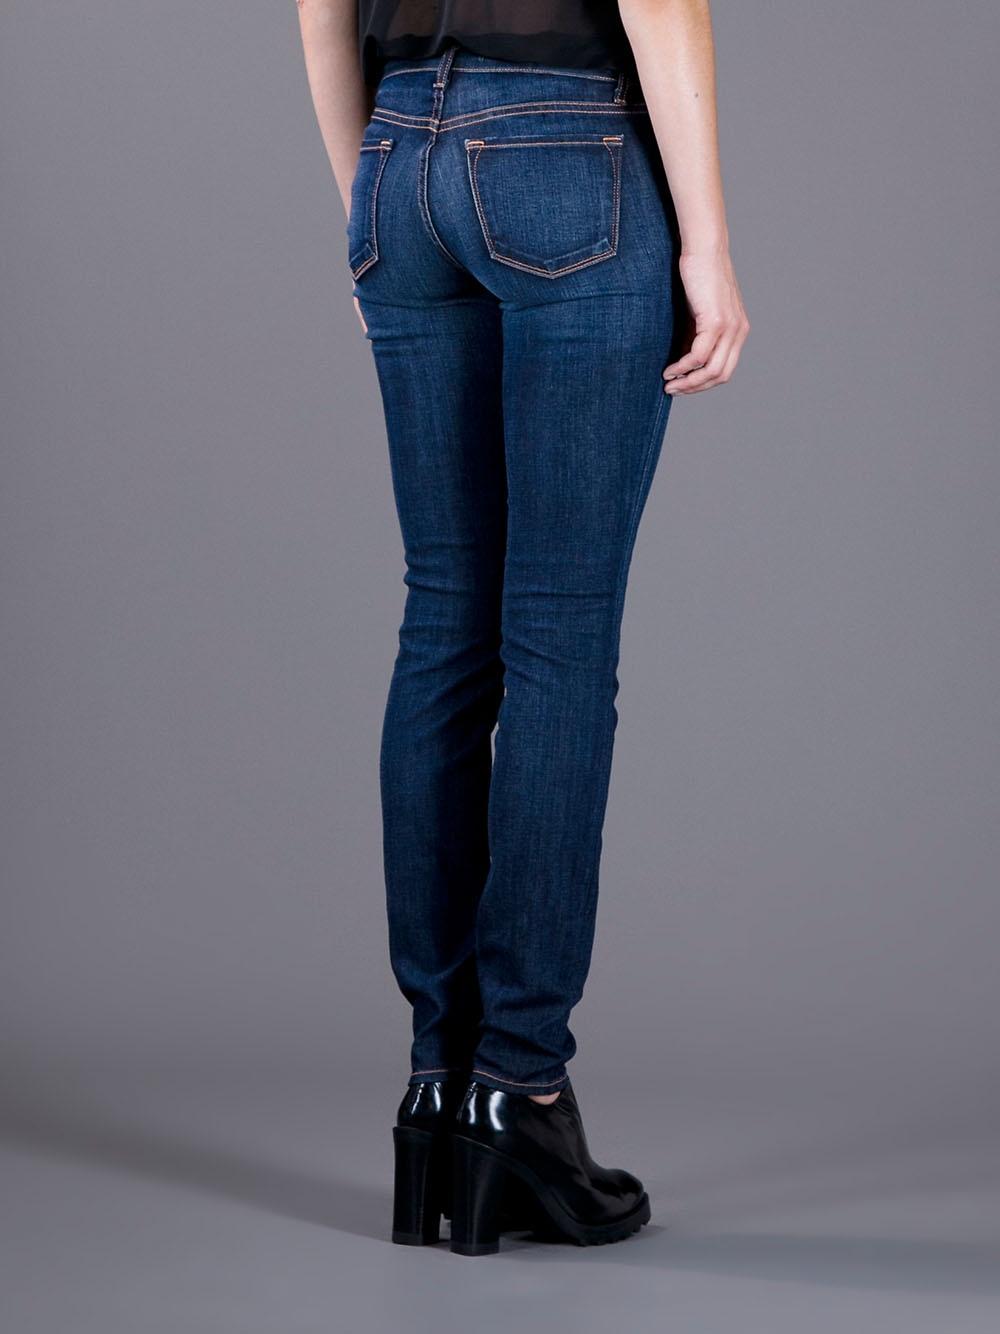 lyst j brand 811 skinny jeans in blue. Black Bedroom Furniture Sets. Home Design Ideas